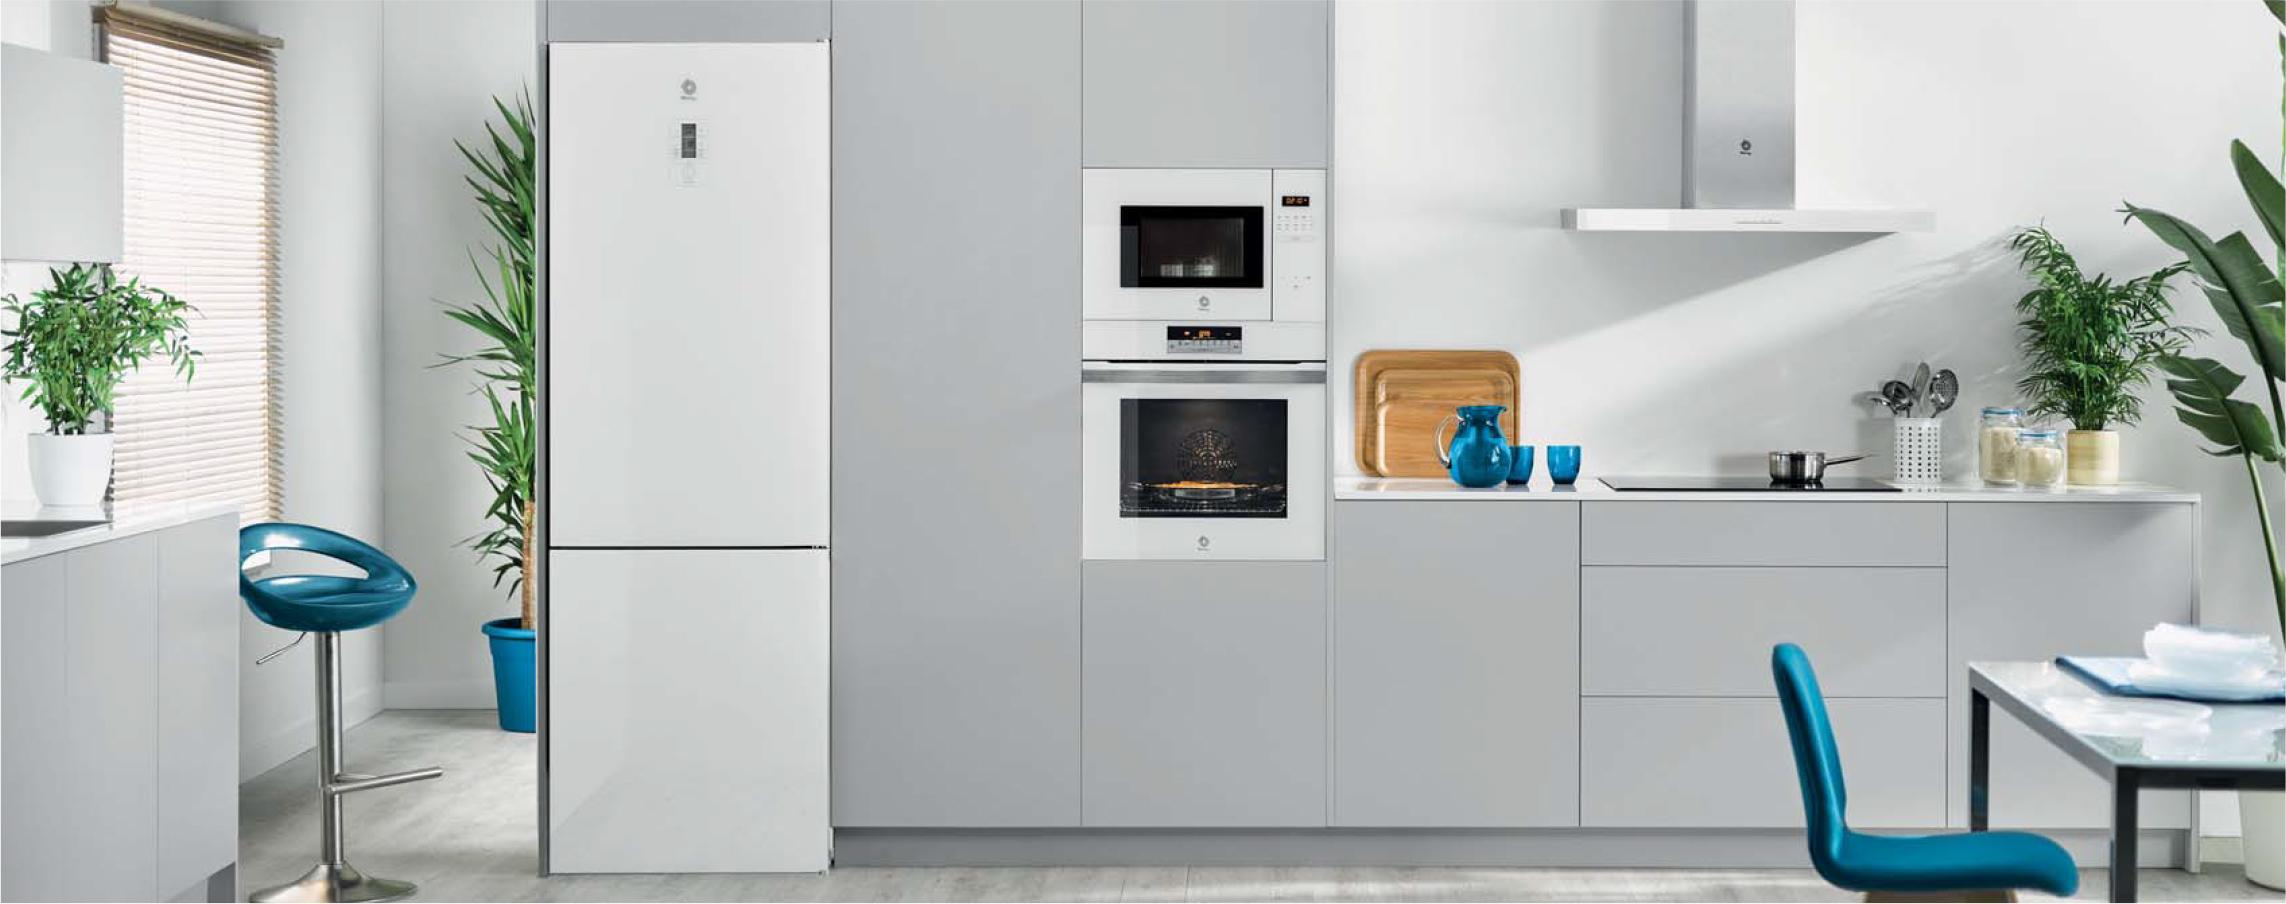 Promoción frigoríficos Balay